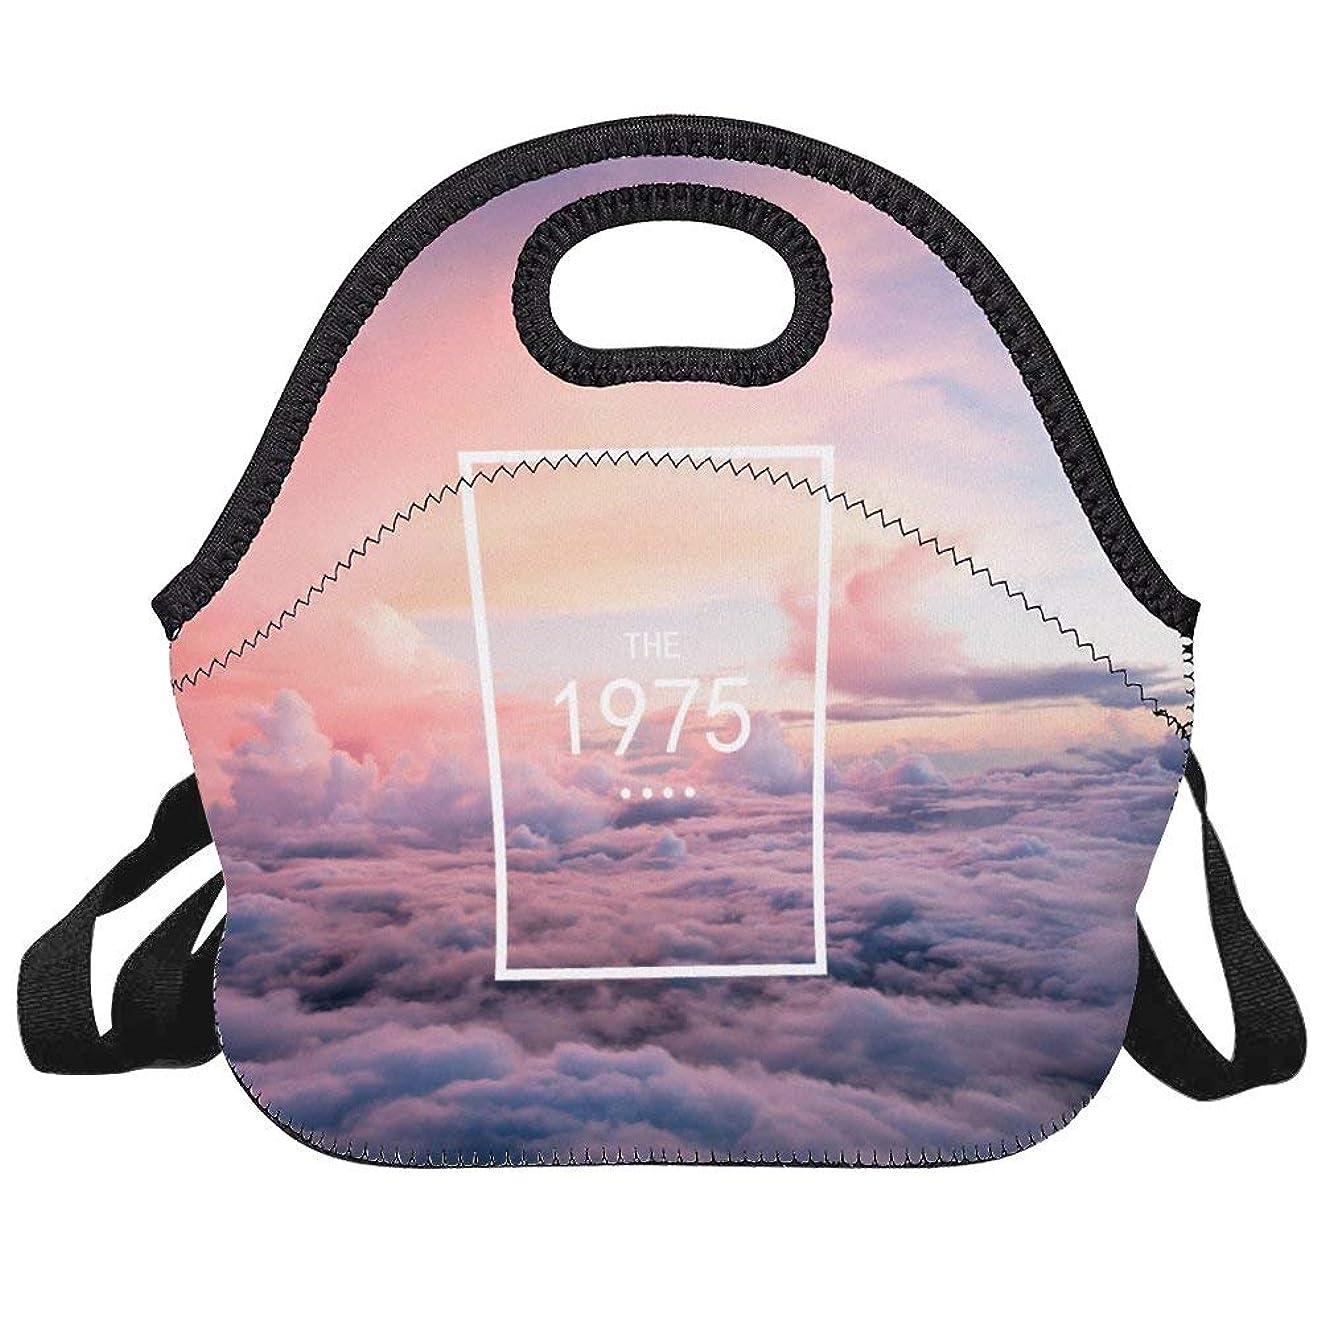 並外れて気がついてつかむTHE1975 雲上ランチバッグ絶縁トラベルピクニックランチボックストートハンドバッグショルダーストラップ付きティーンエイジャー大人用